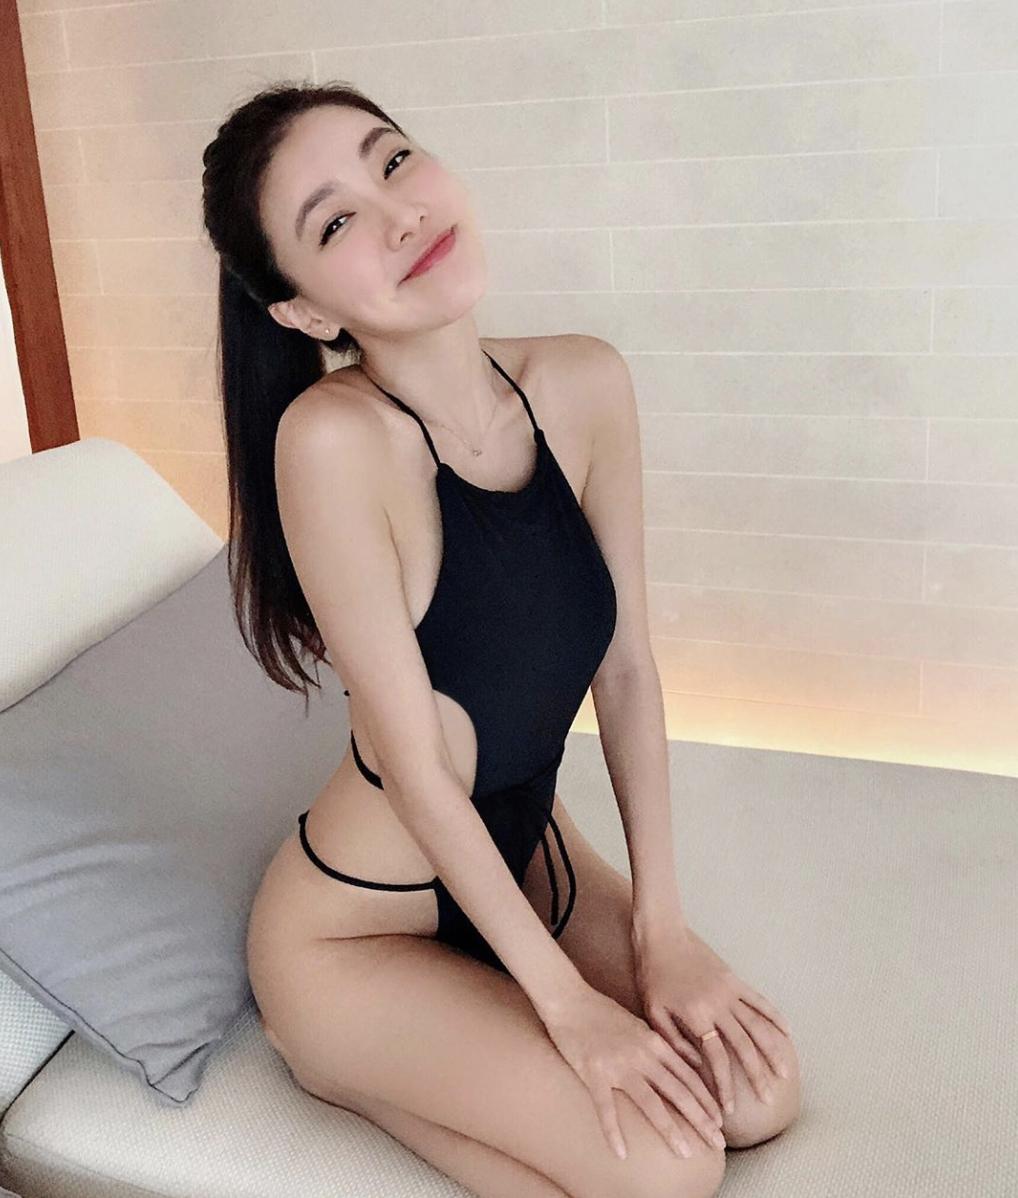 j_photo_2019_26.jpg